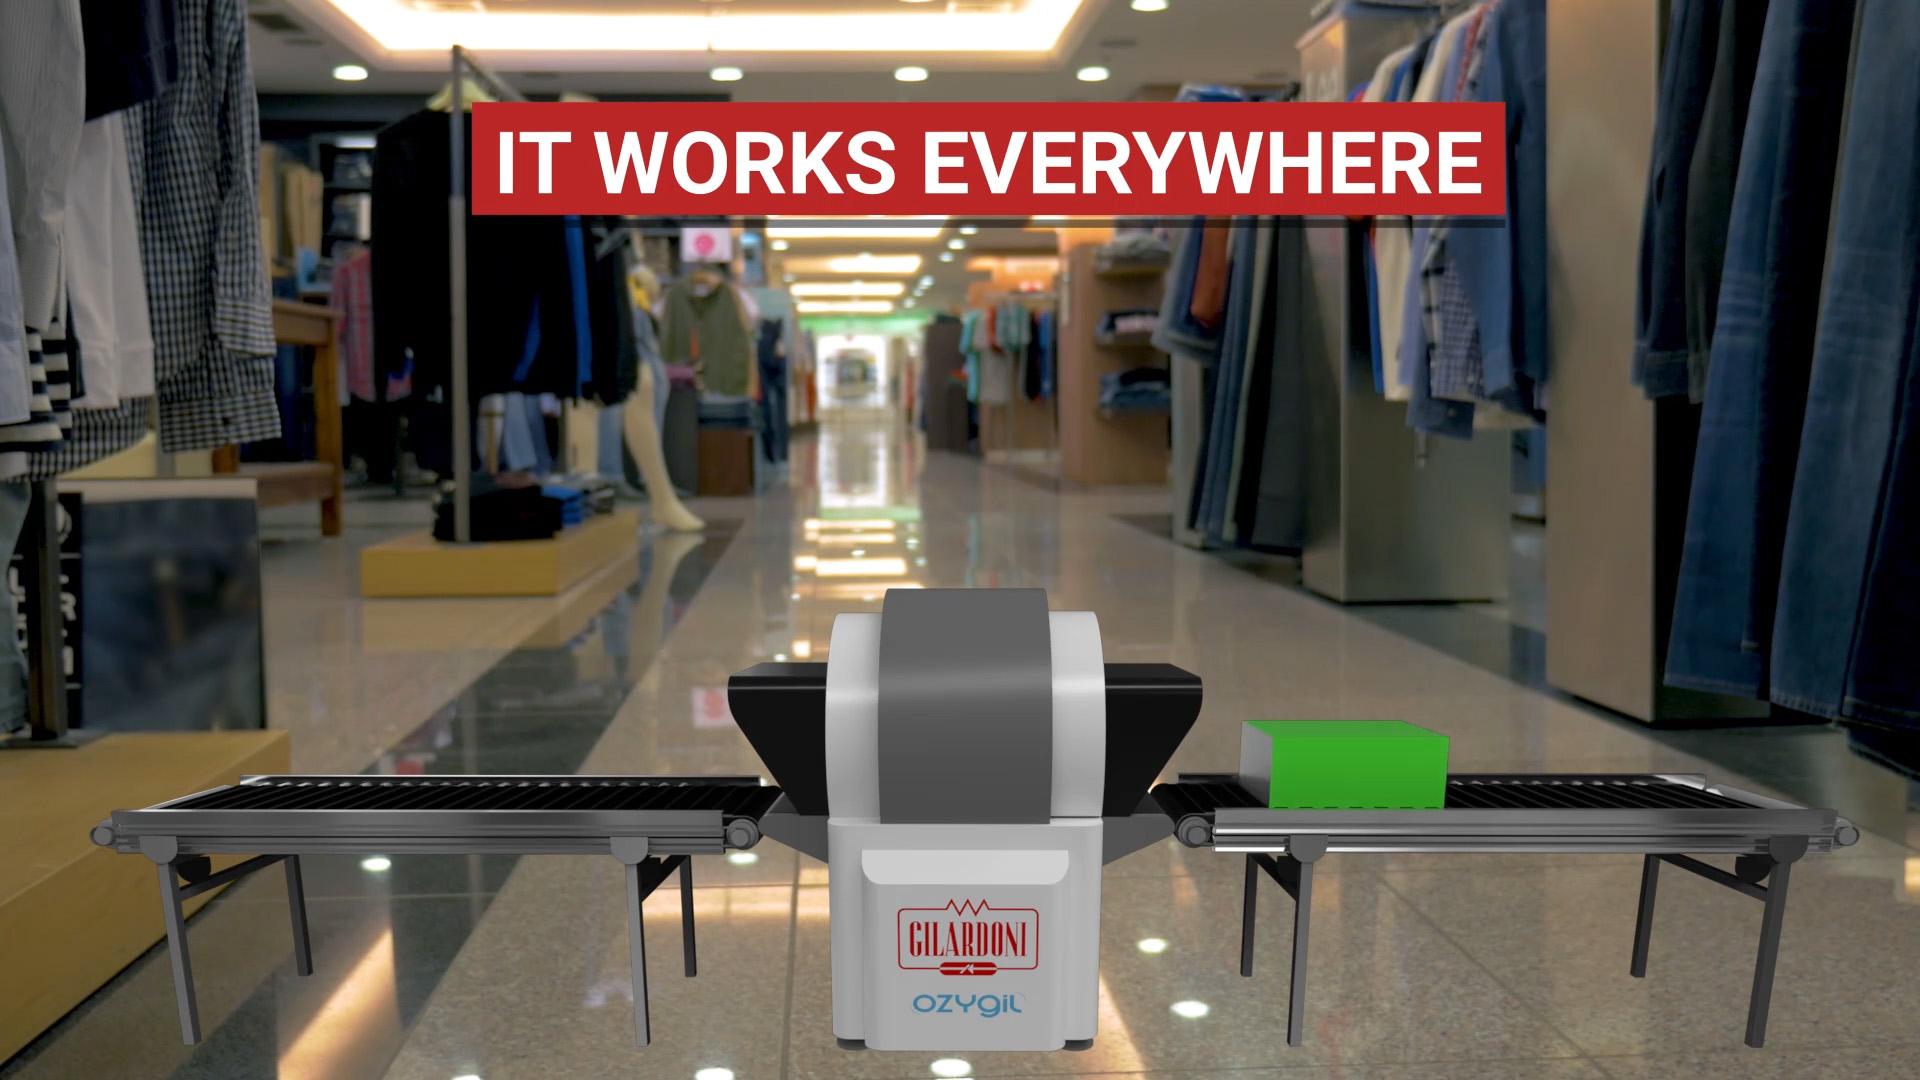 OZYGIL sanificatrice da virus e batteri (compreso COVDI-19): supermercati, negozi abbigliamento, etc